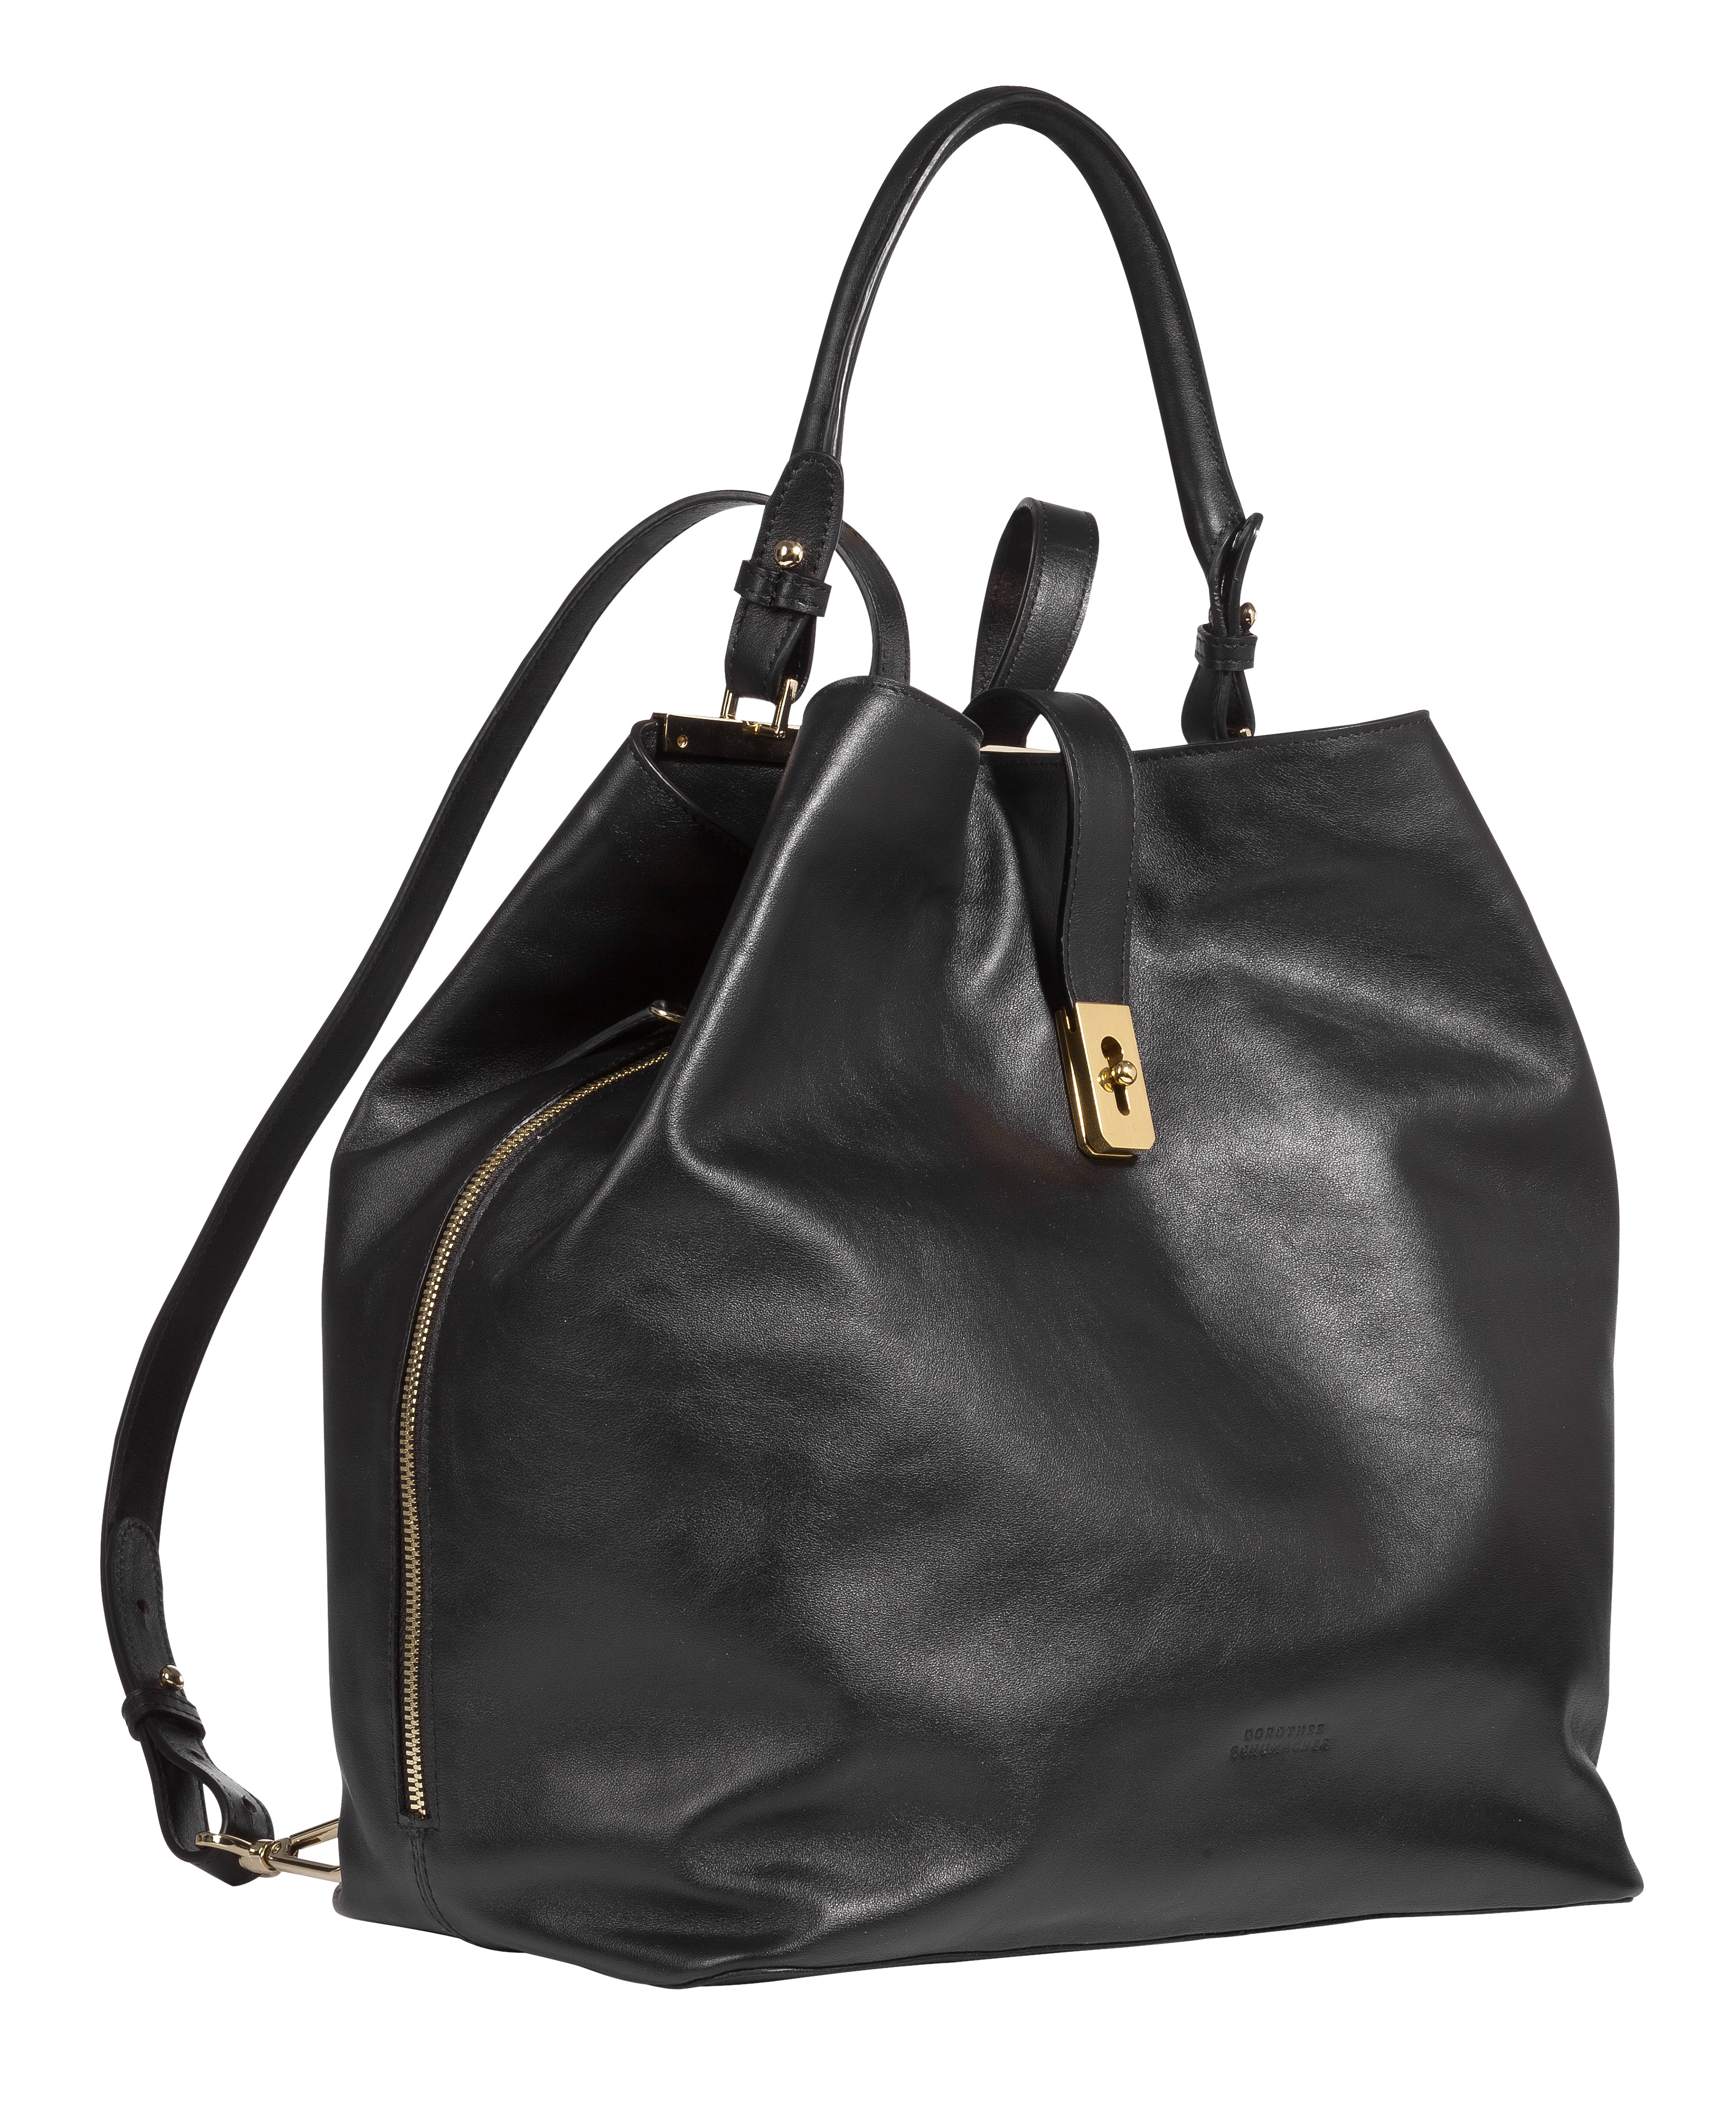 dorothee schumacher cool edge backpack in black lyst. Black Bedroom Furniture Sets. Home Design Ideas